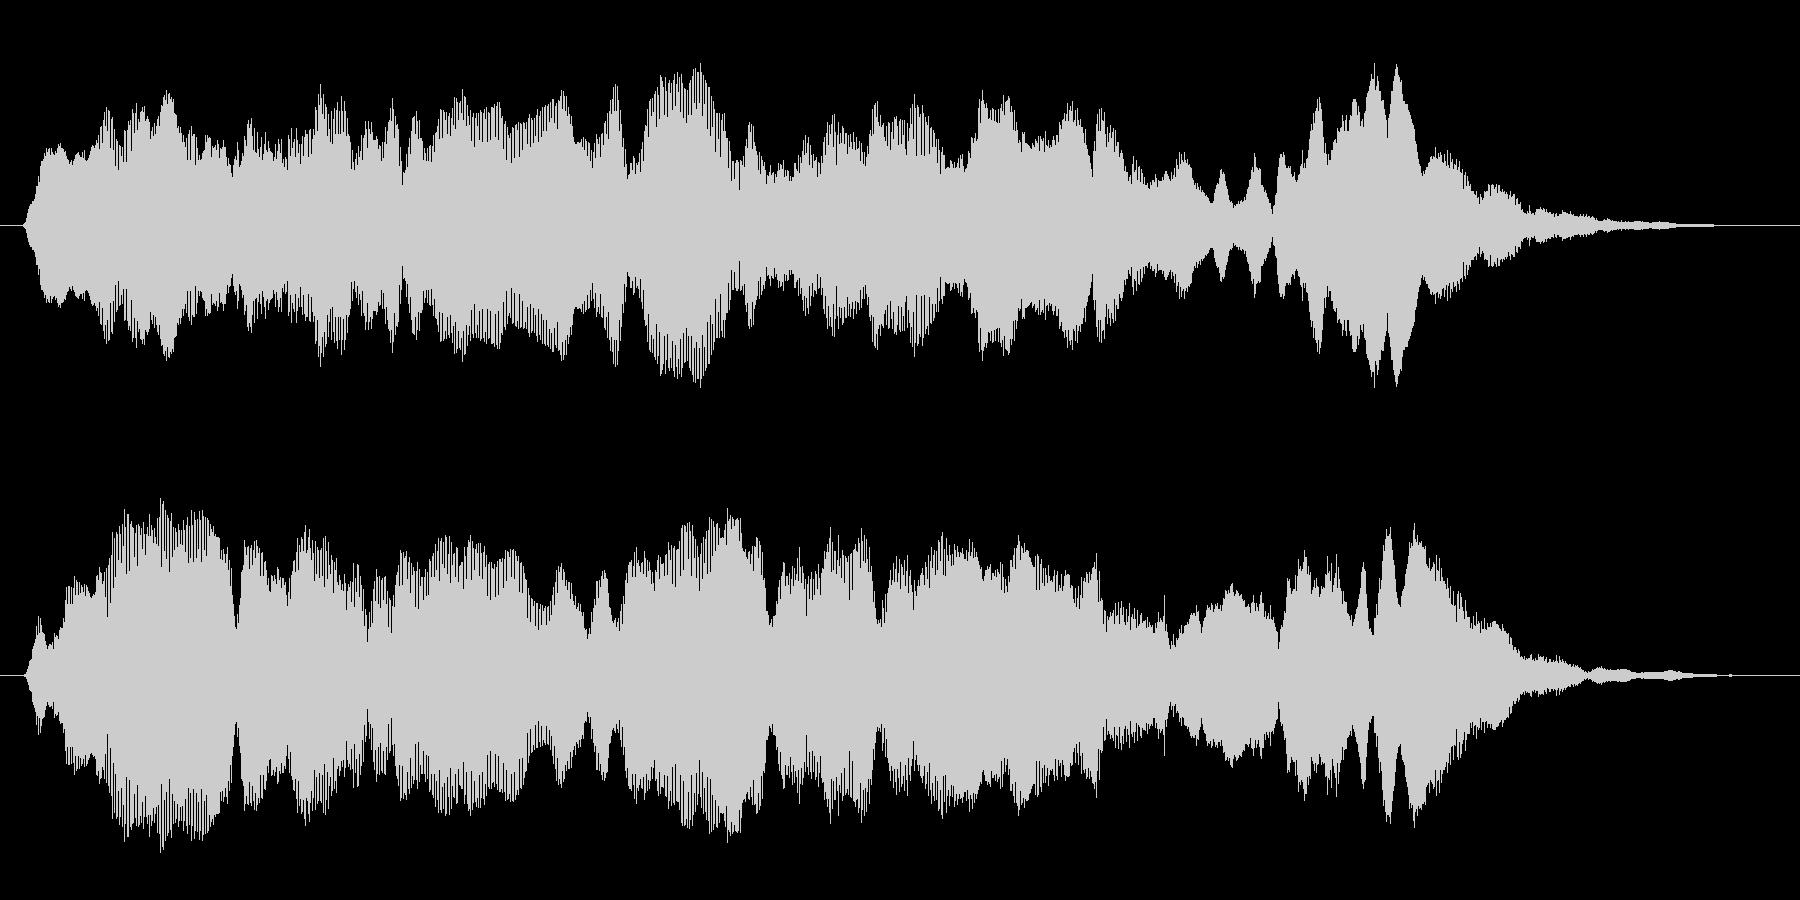 ファーン、キンコン(宇宙、幻想的、風)の未再生の波形